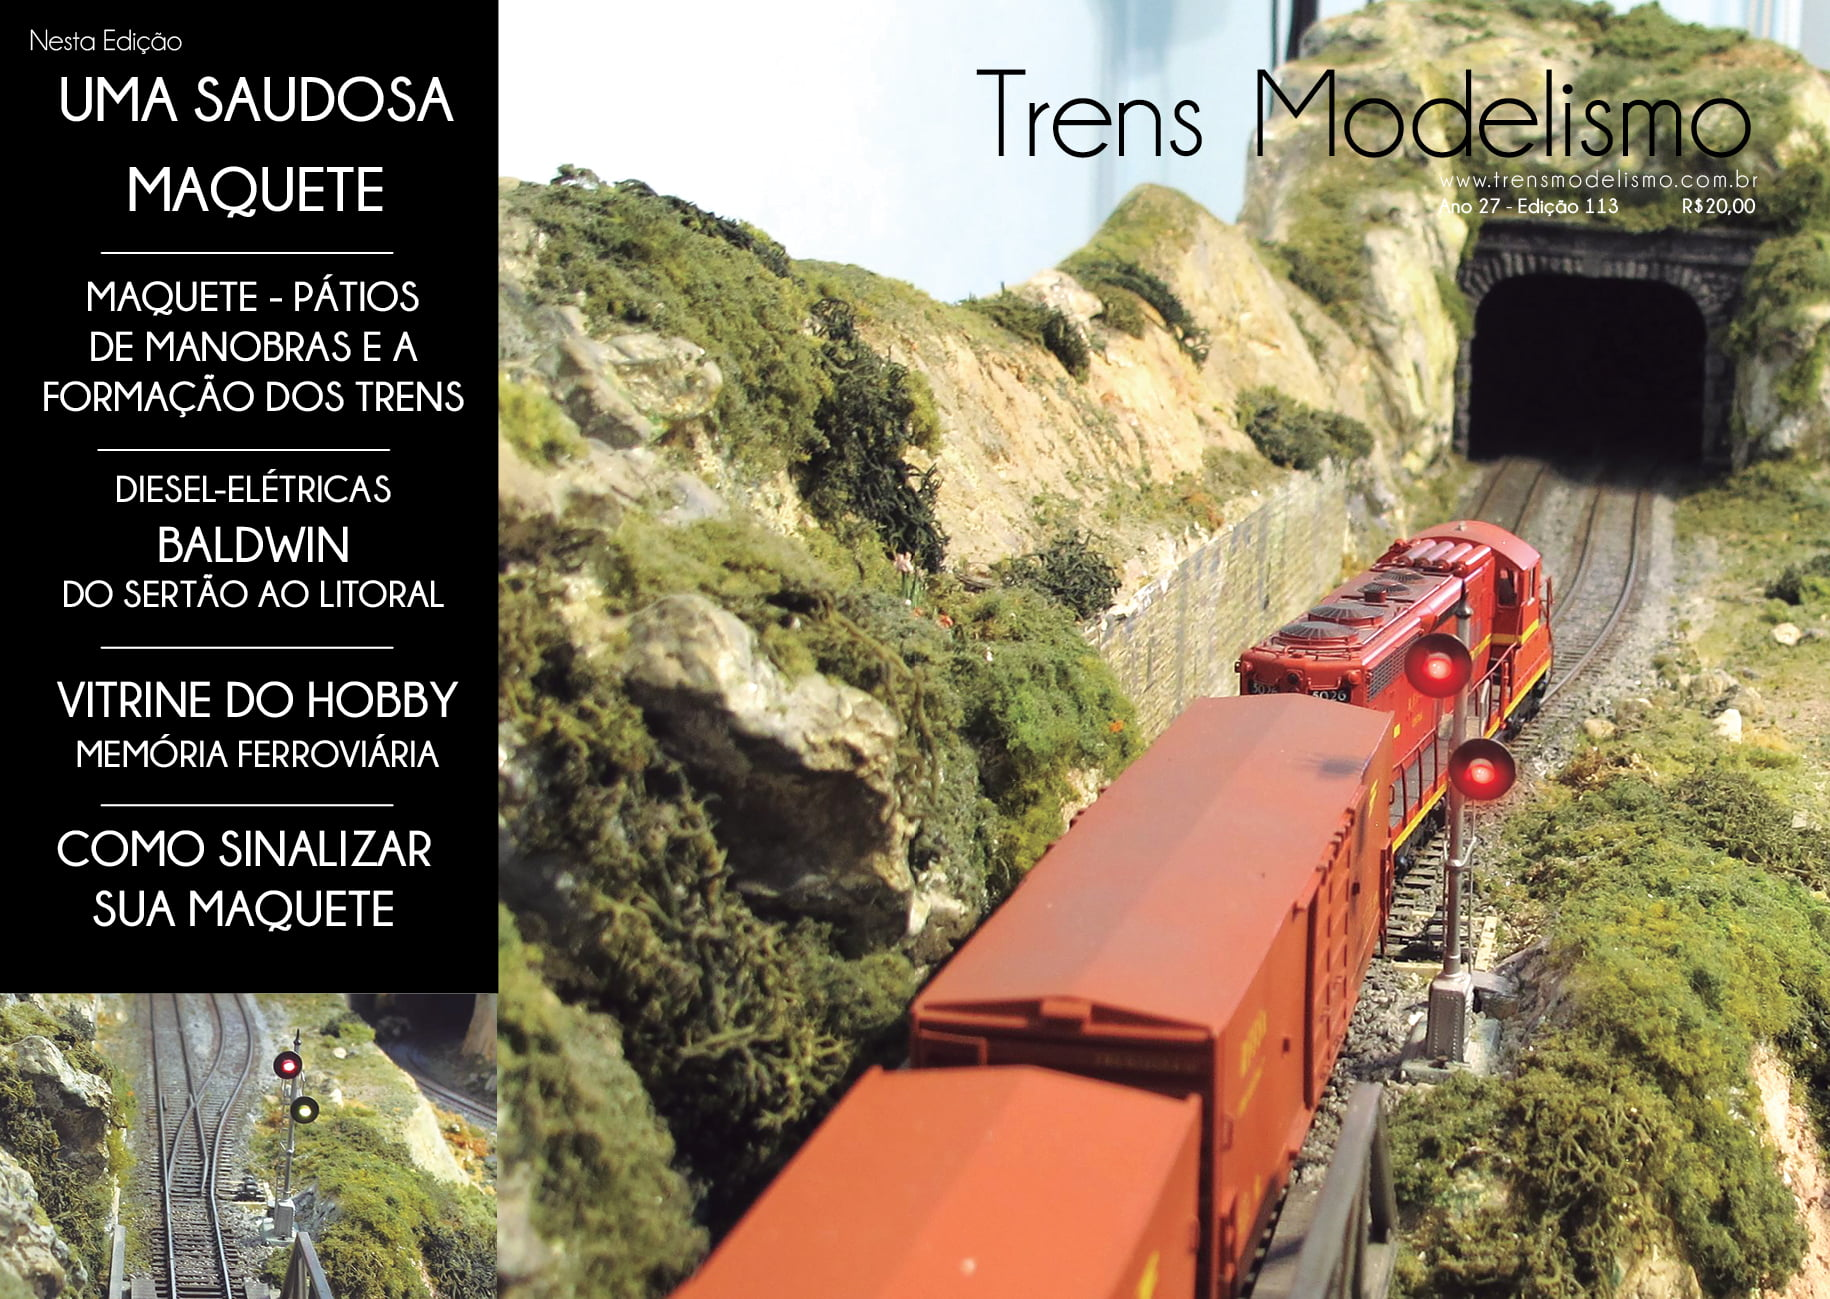 Revista Trens Modelismo Nº 113